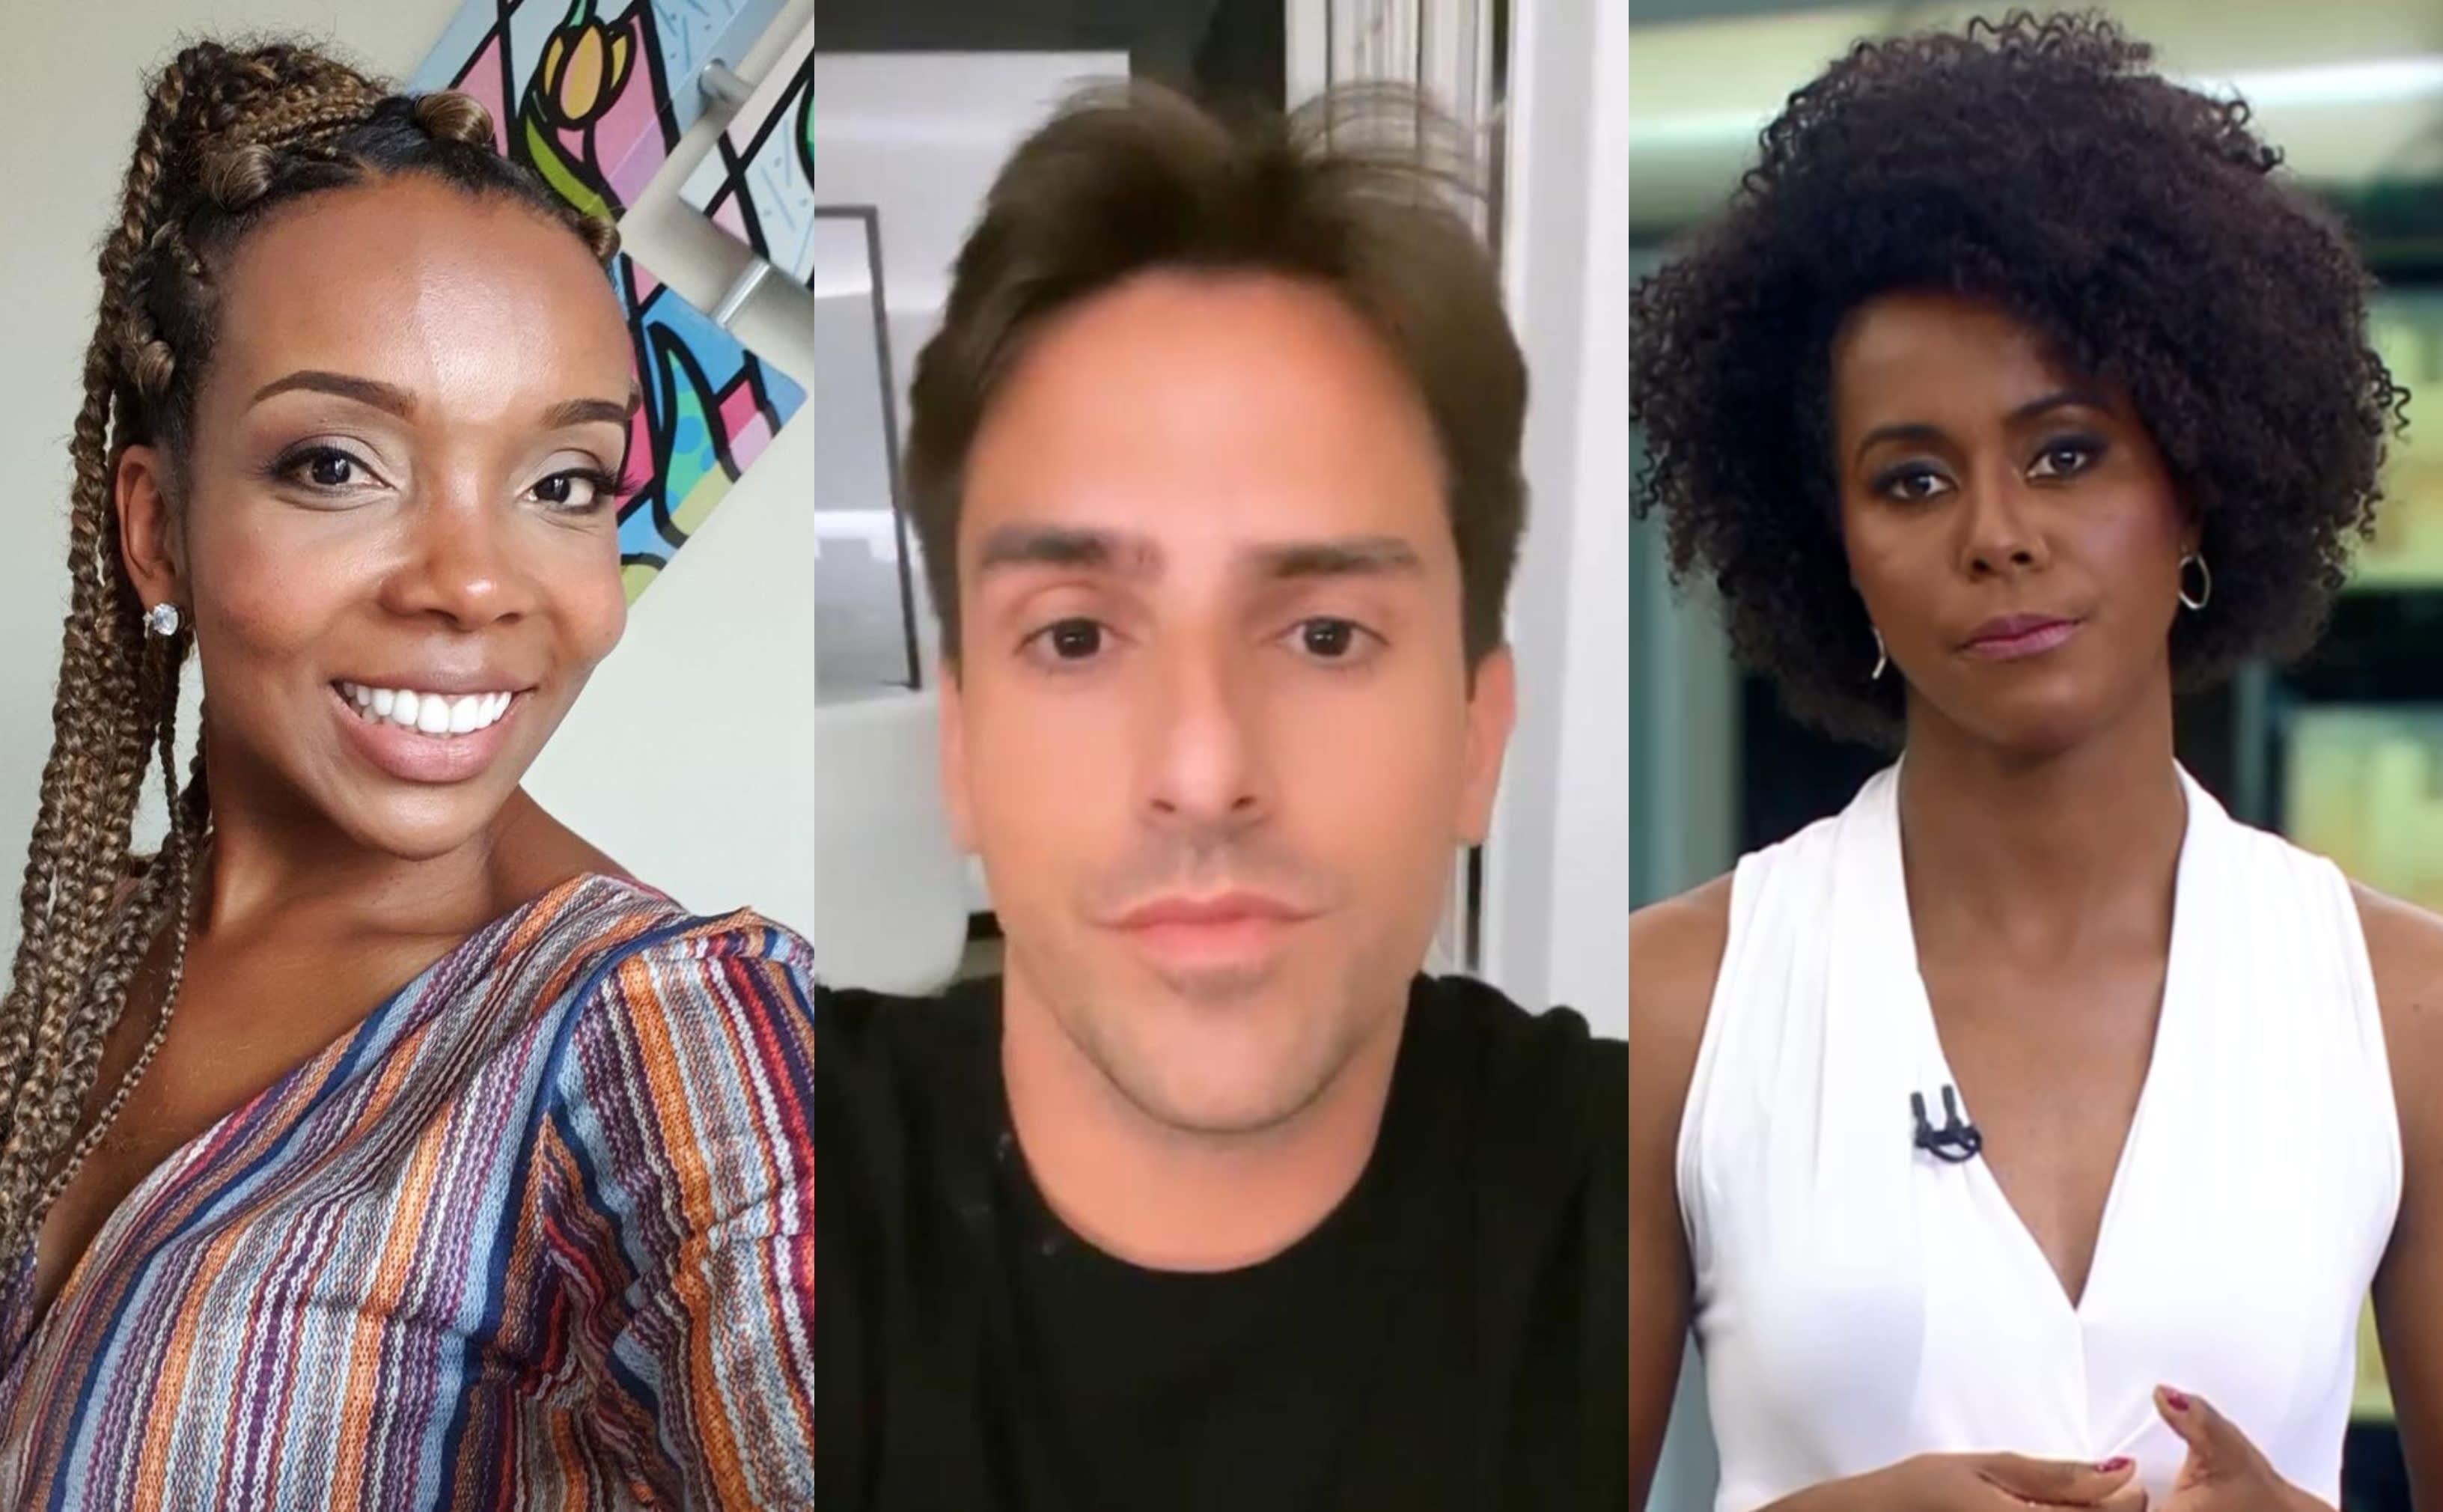 Ex-diretor critica Thelma e Maju e é acusado de racismo